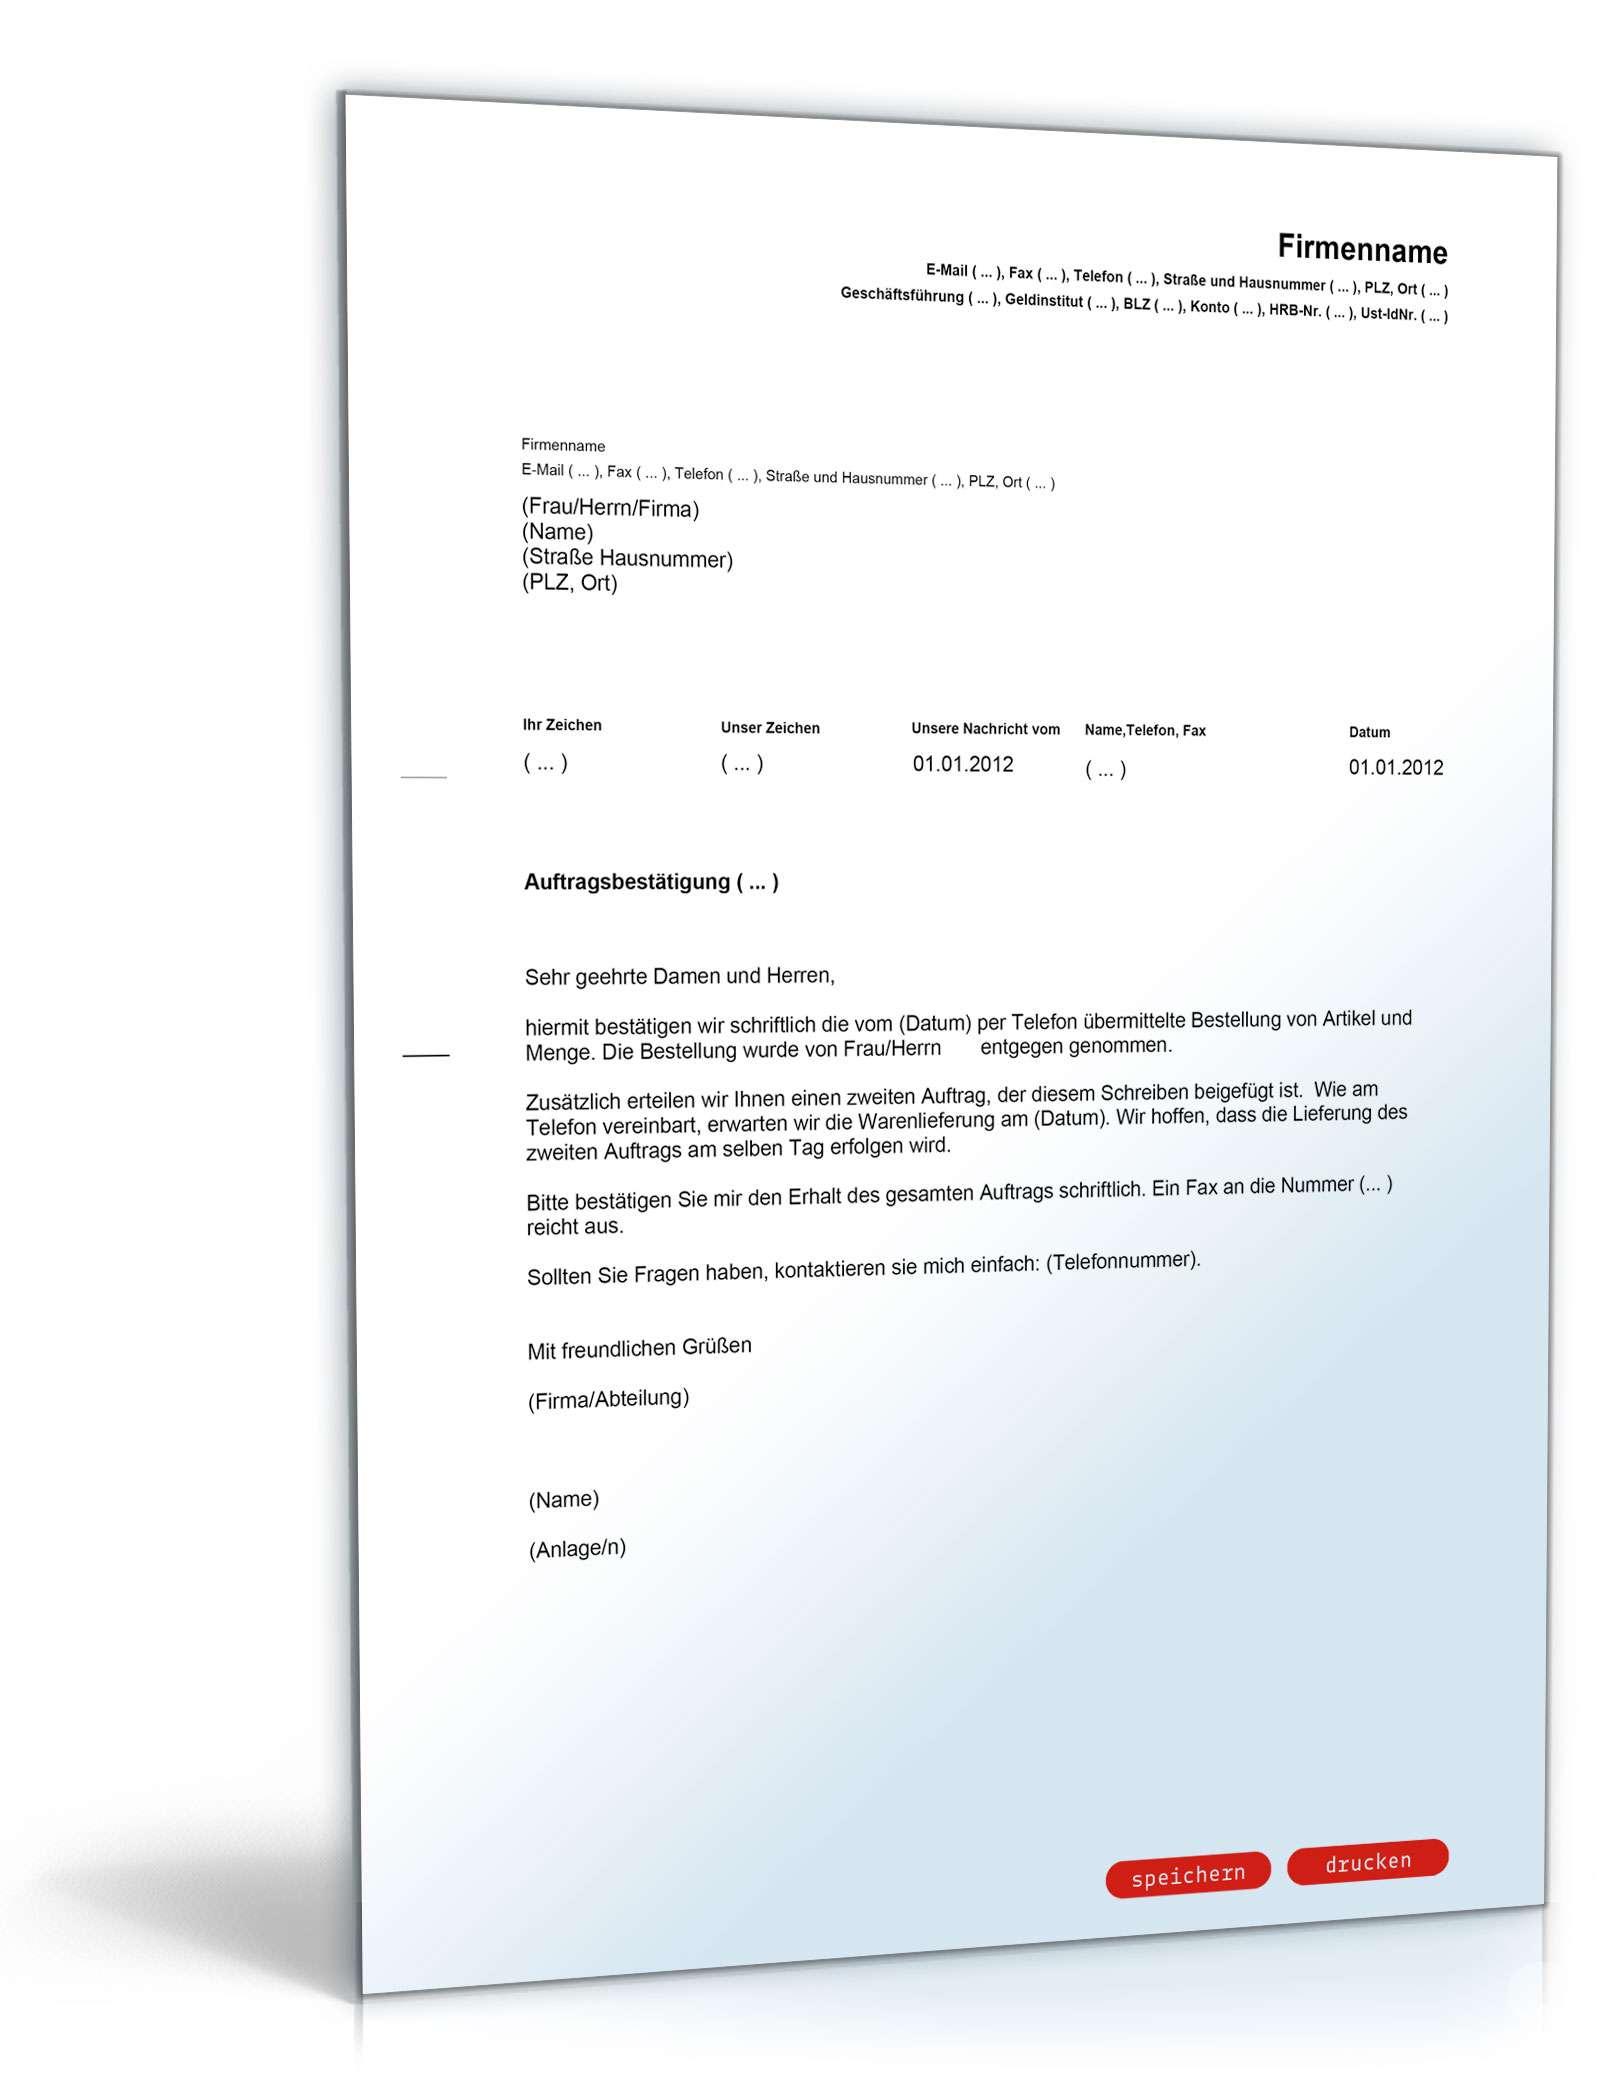 auftragsbesttigung muster brief zum download - Auftragsbestatigung Muster Kostenlos